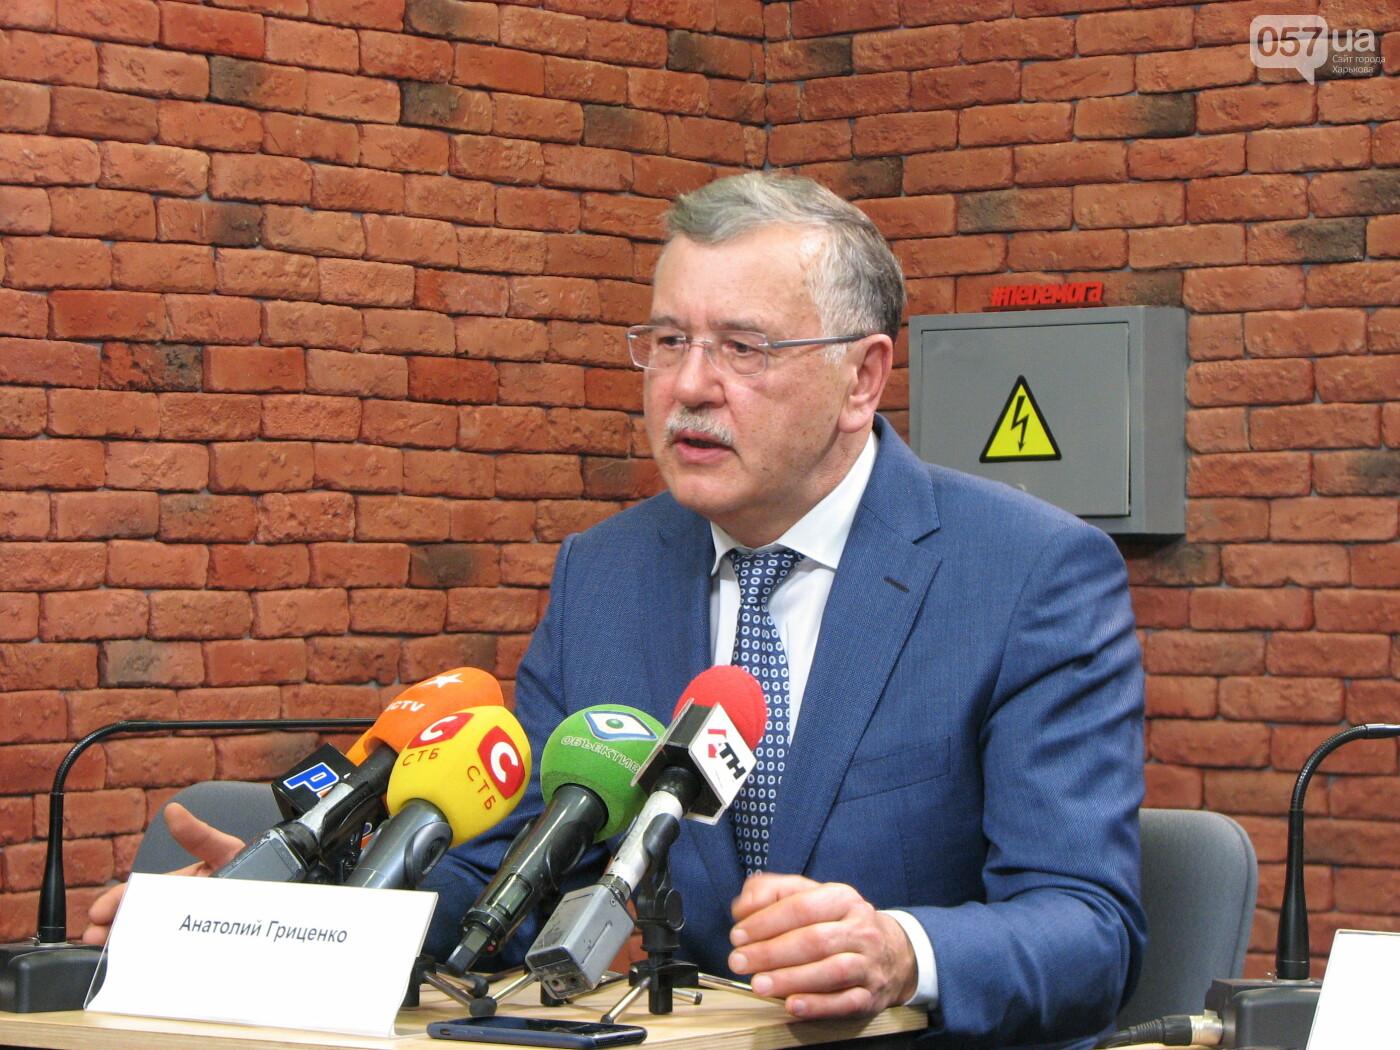 Анатолий Гриценко представил в Харькове потенциального главу  Нацбанка, фото-1